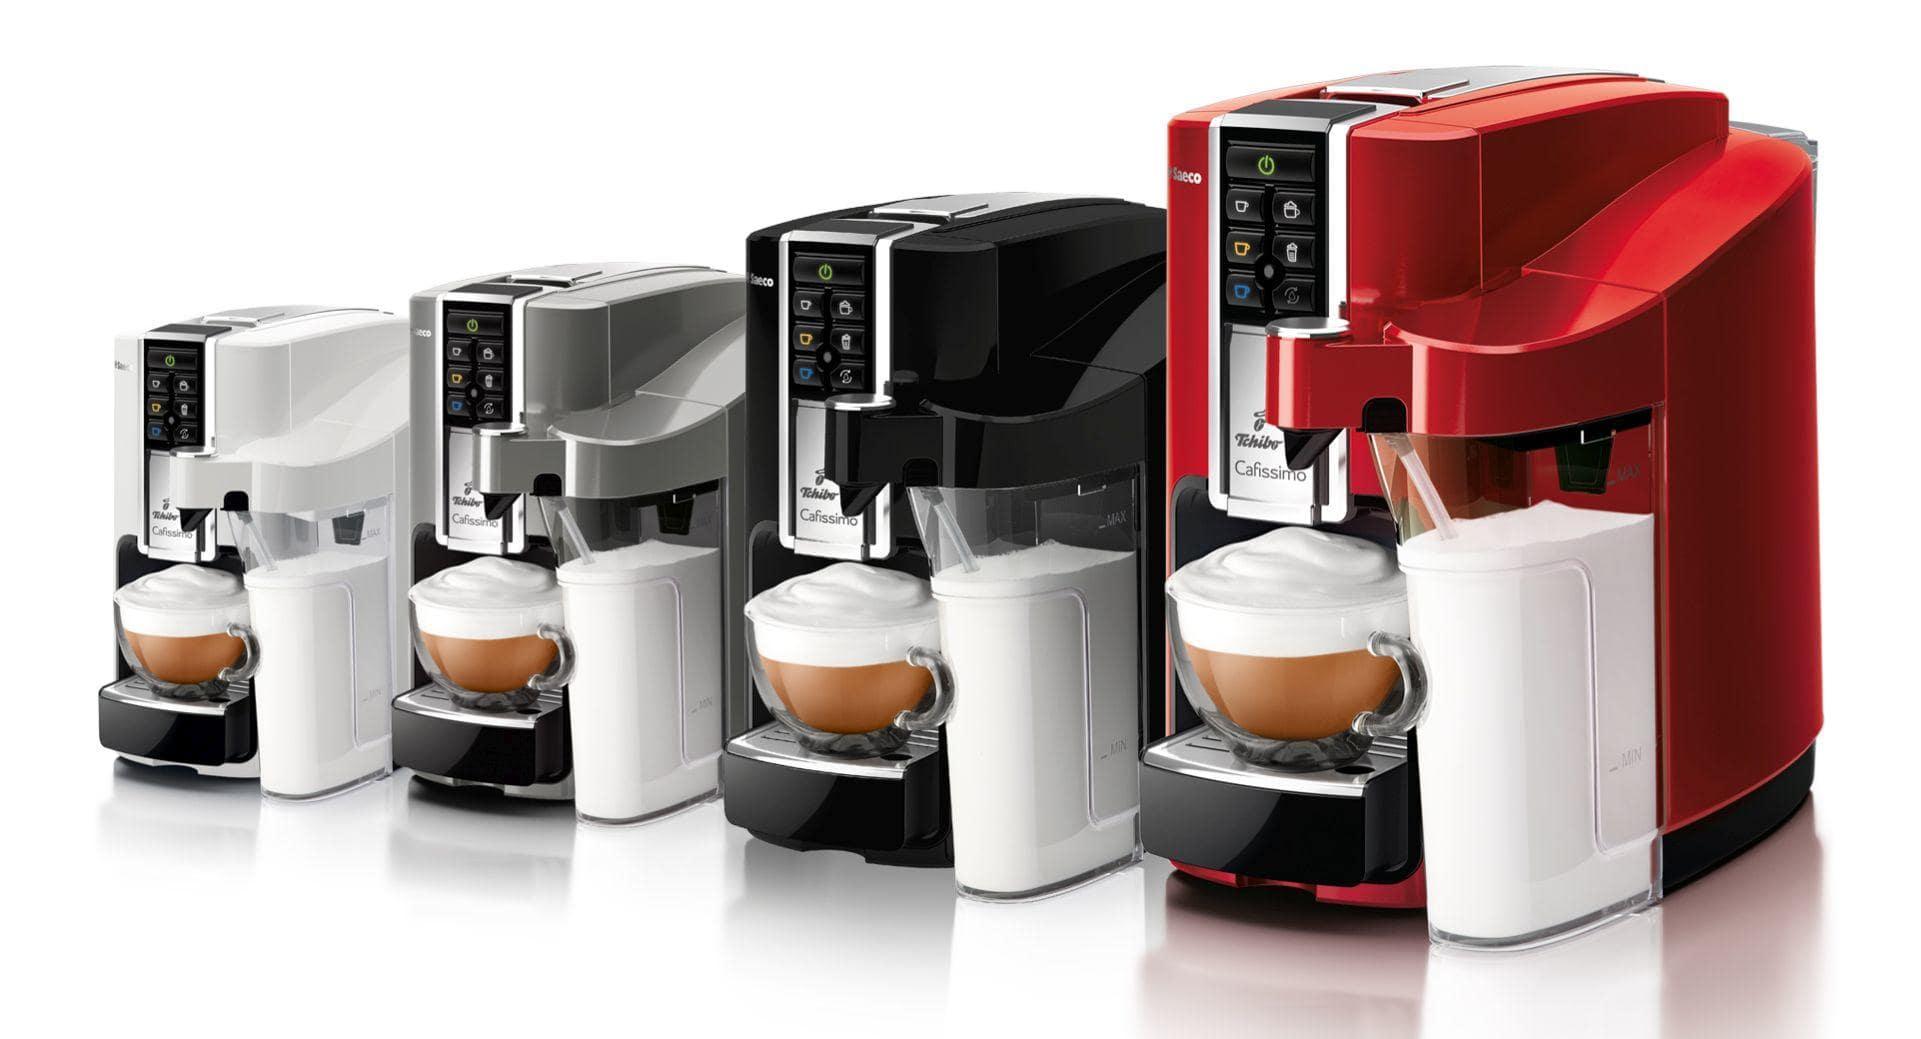 biały, srebrny, czarny i czerwony ekspres do kawy